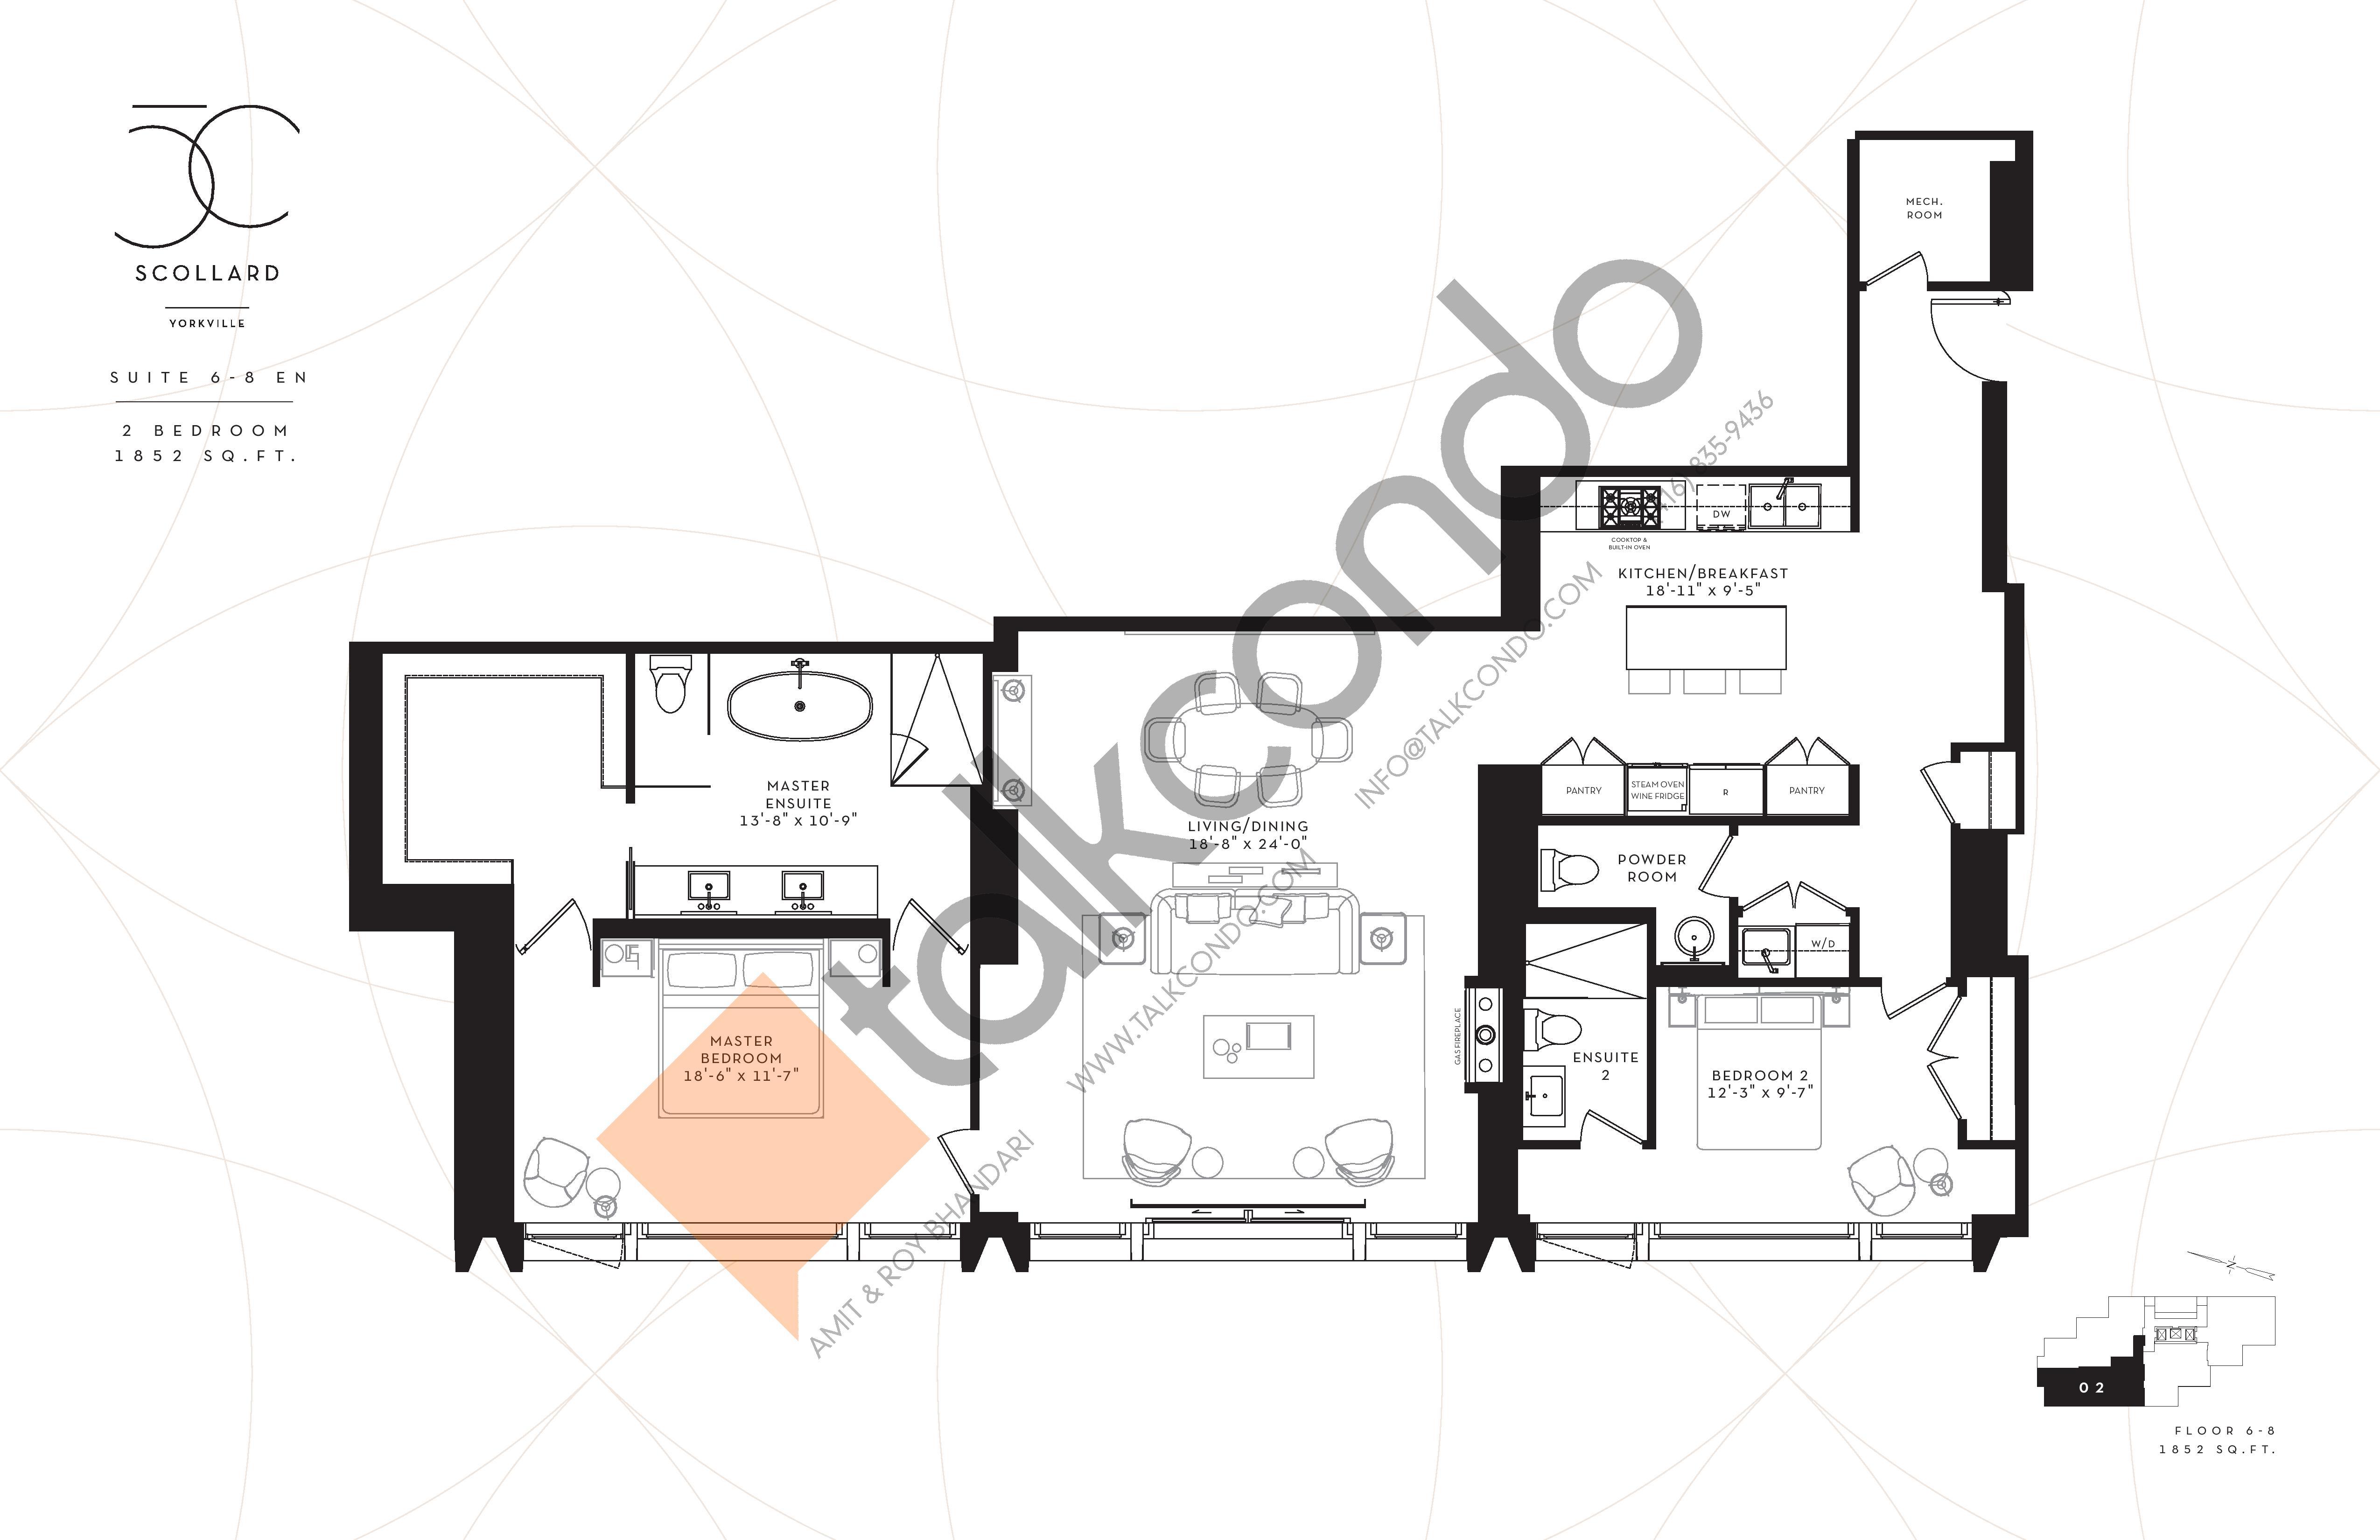 Suite 6-8 EN Floor Plan at Fifty Scollard Condos - 1852 sq.ft